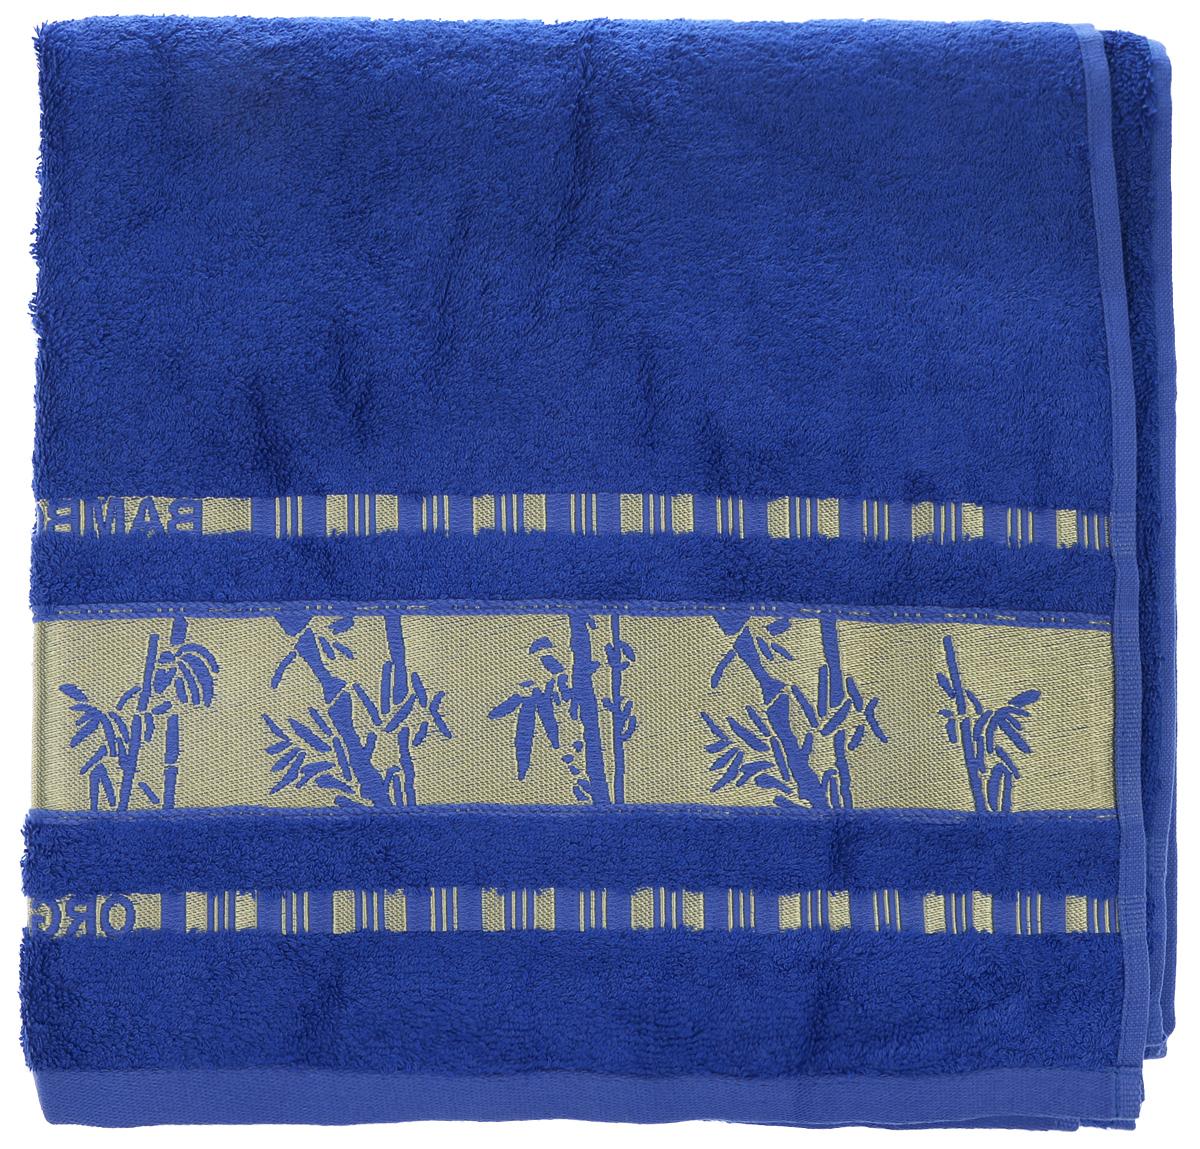 Полотенце Mariposa Bamboo, цвет: синий, золотистый, 70 х 140 см52923Полотенце Mariposa Bamboo, изготовленное из 60% бамбука и 40% хлопка, подарит массу положительных эмоций и приятных ощущений. Полотенца из бамбука только издали похожи на обычные. На самом деле, при первом же прикосновении вы ощутите невероятную мягкость и шелковистость. Таким полотенцем не нужно вытираться - только коснитесь кожи - и ткань сама все впитает! Несмотря на богатую плотность и высокую петлю полотенца, оно быстро сохнет, остается легким даже при намокании. Полотенце оформлено изображением бамбука. Благородный тон создает уют и подчеркивает лучшие качества махровой ткани. Полотенце Mariposa Bamboo станет достойным выбором для вас и приятным подарком для ваших близких.